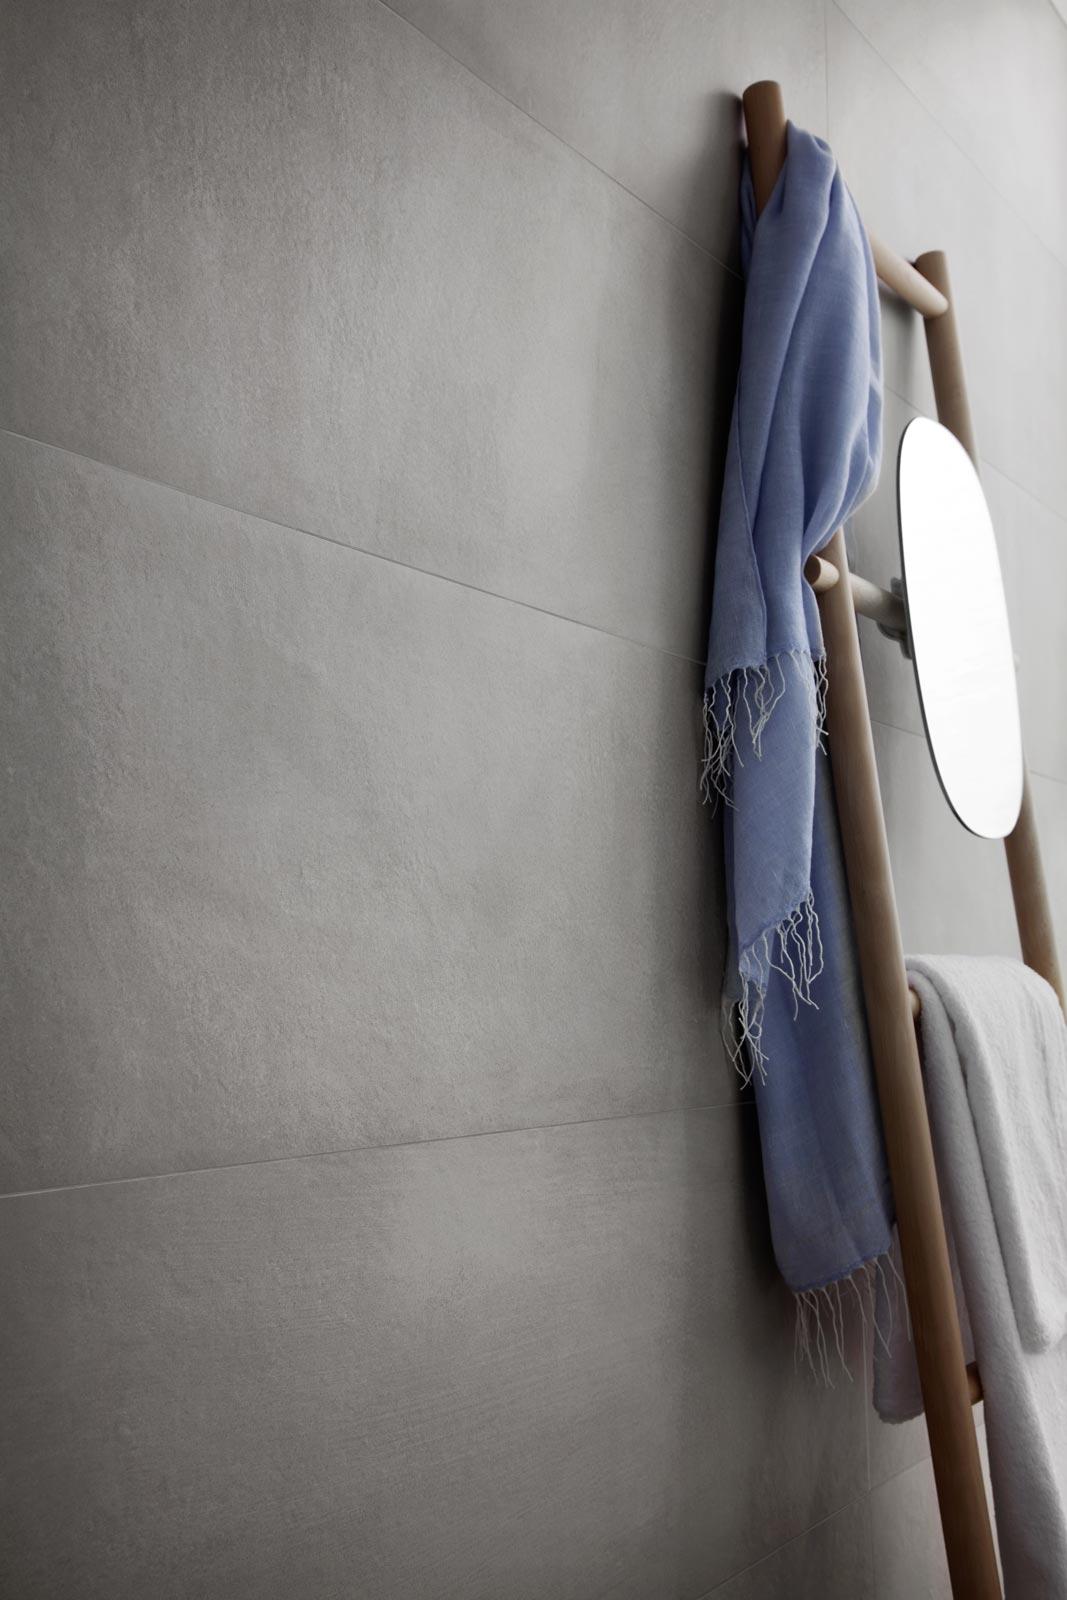 Vernice X Piastrelle Bagno scegliere i rivestimenti bagno: 10 idee per abbinare i